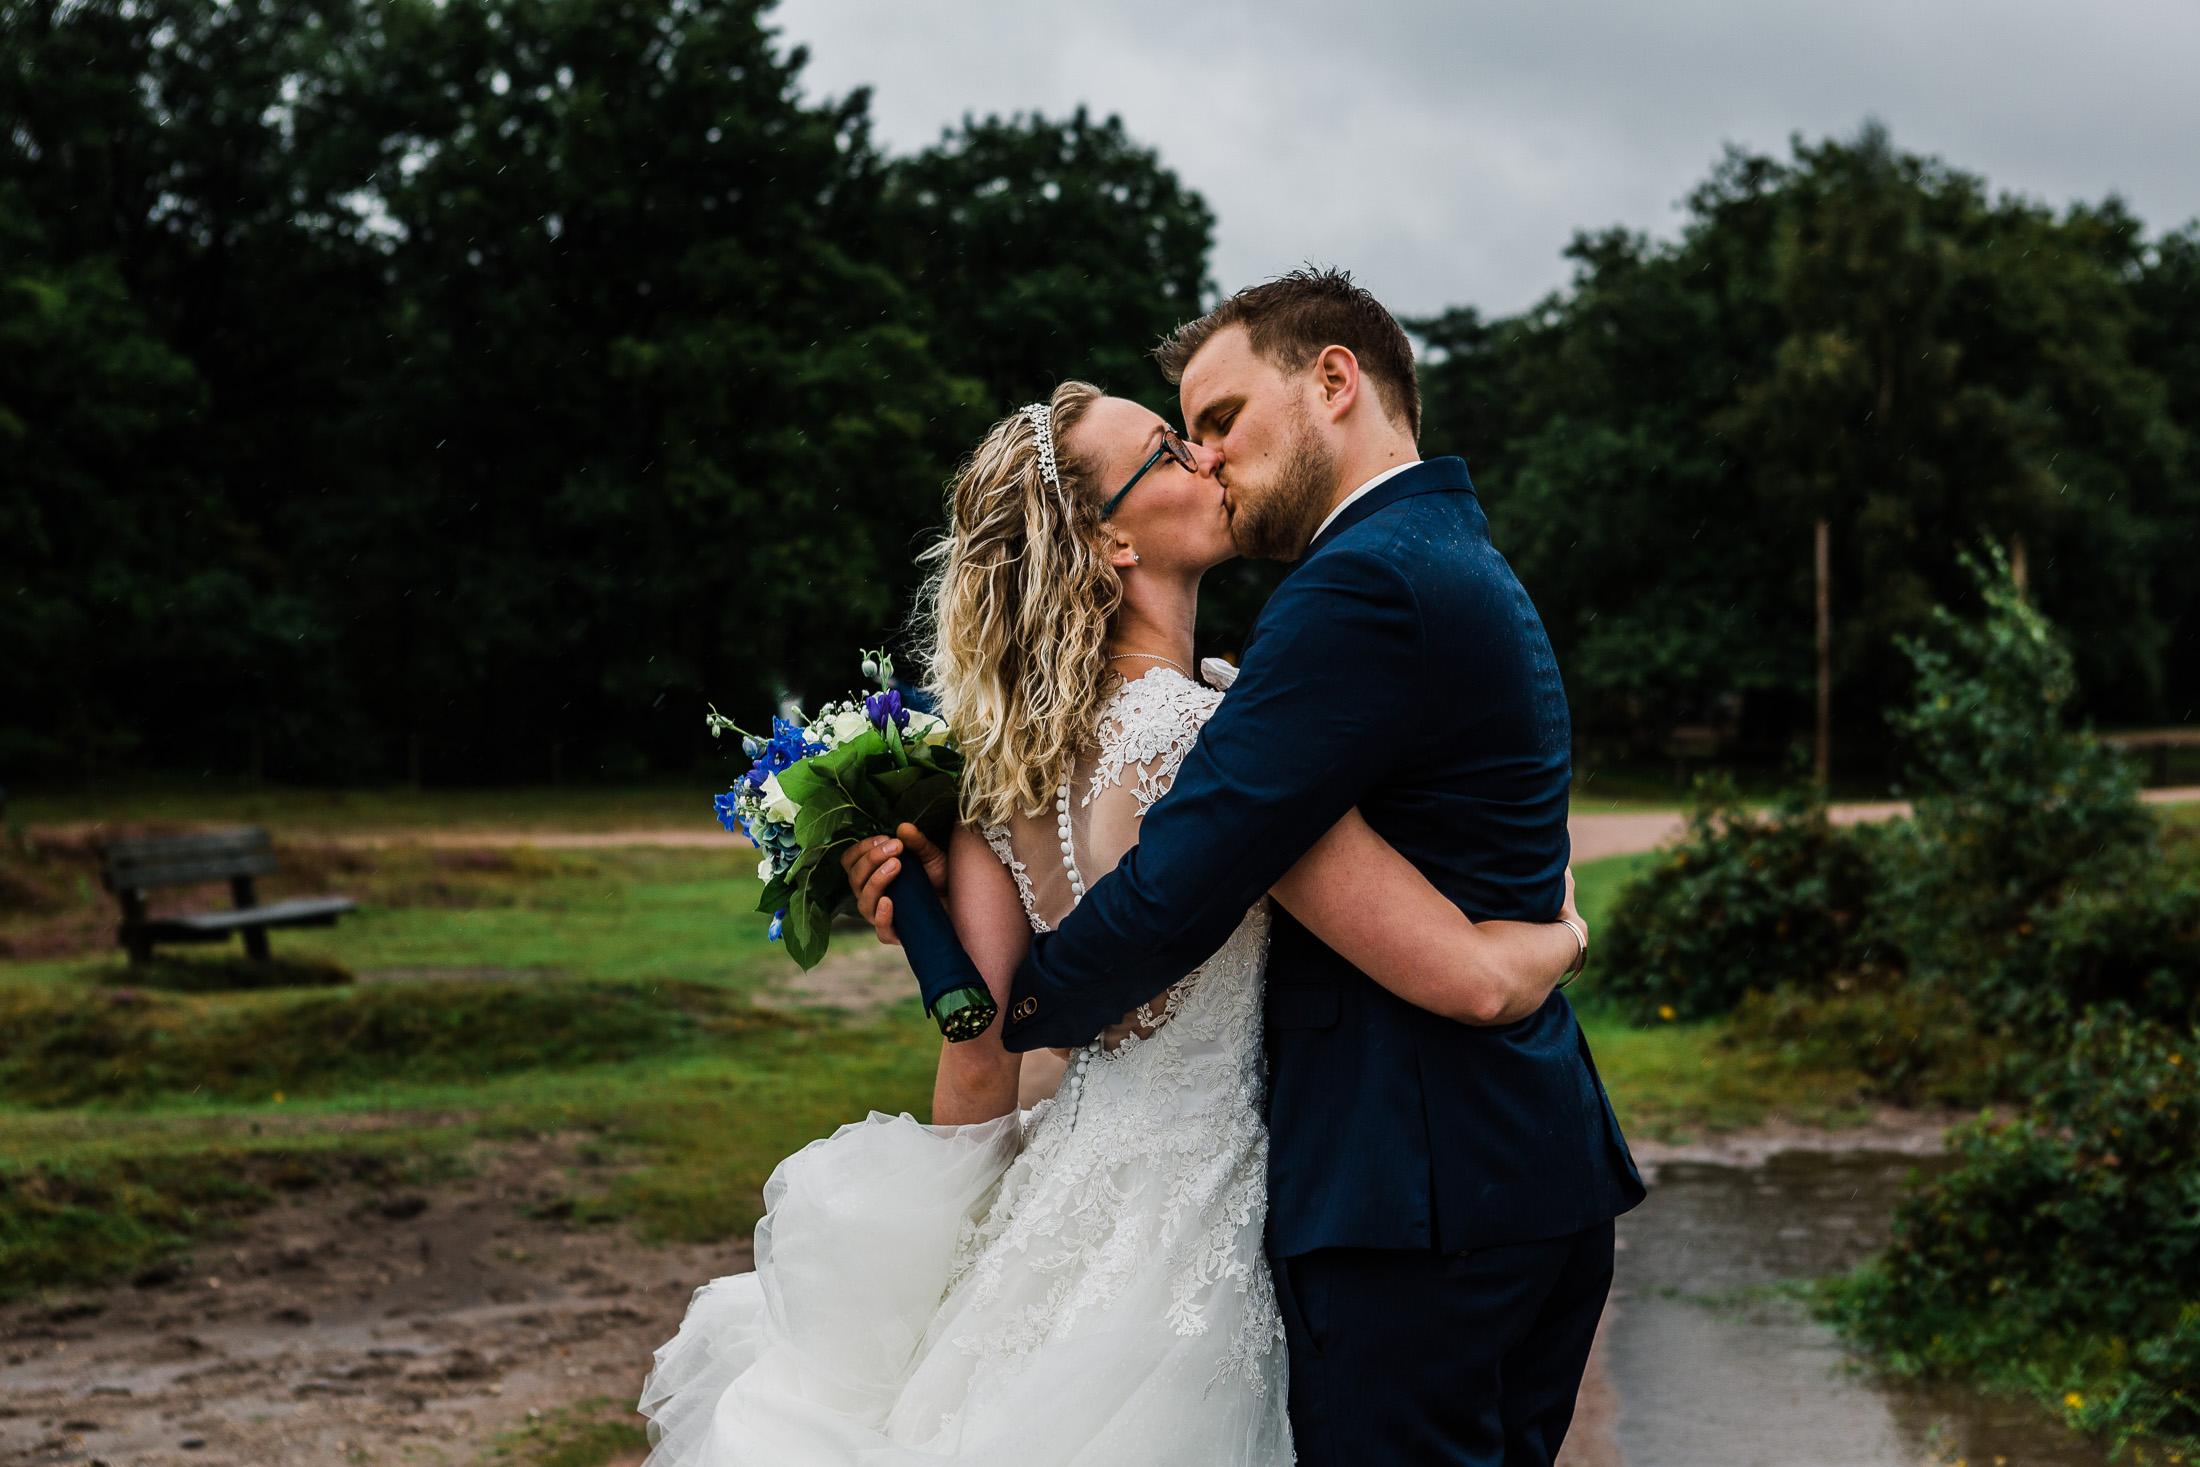 Bruidsfotografie heide Soesterberg bruidspaar by Birense Fotografie -1-12.jpg